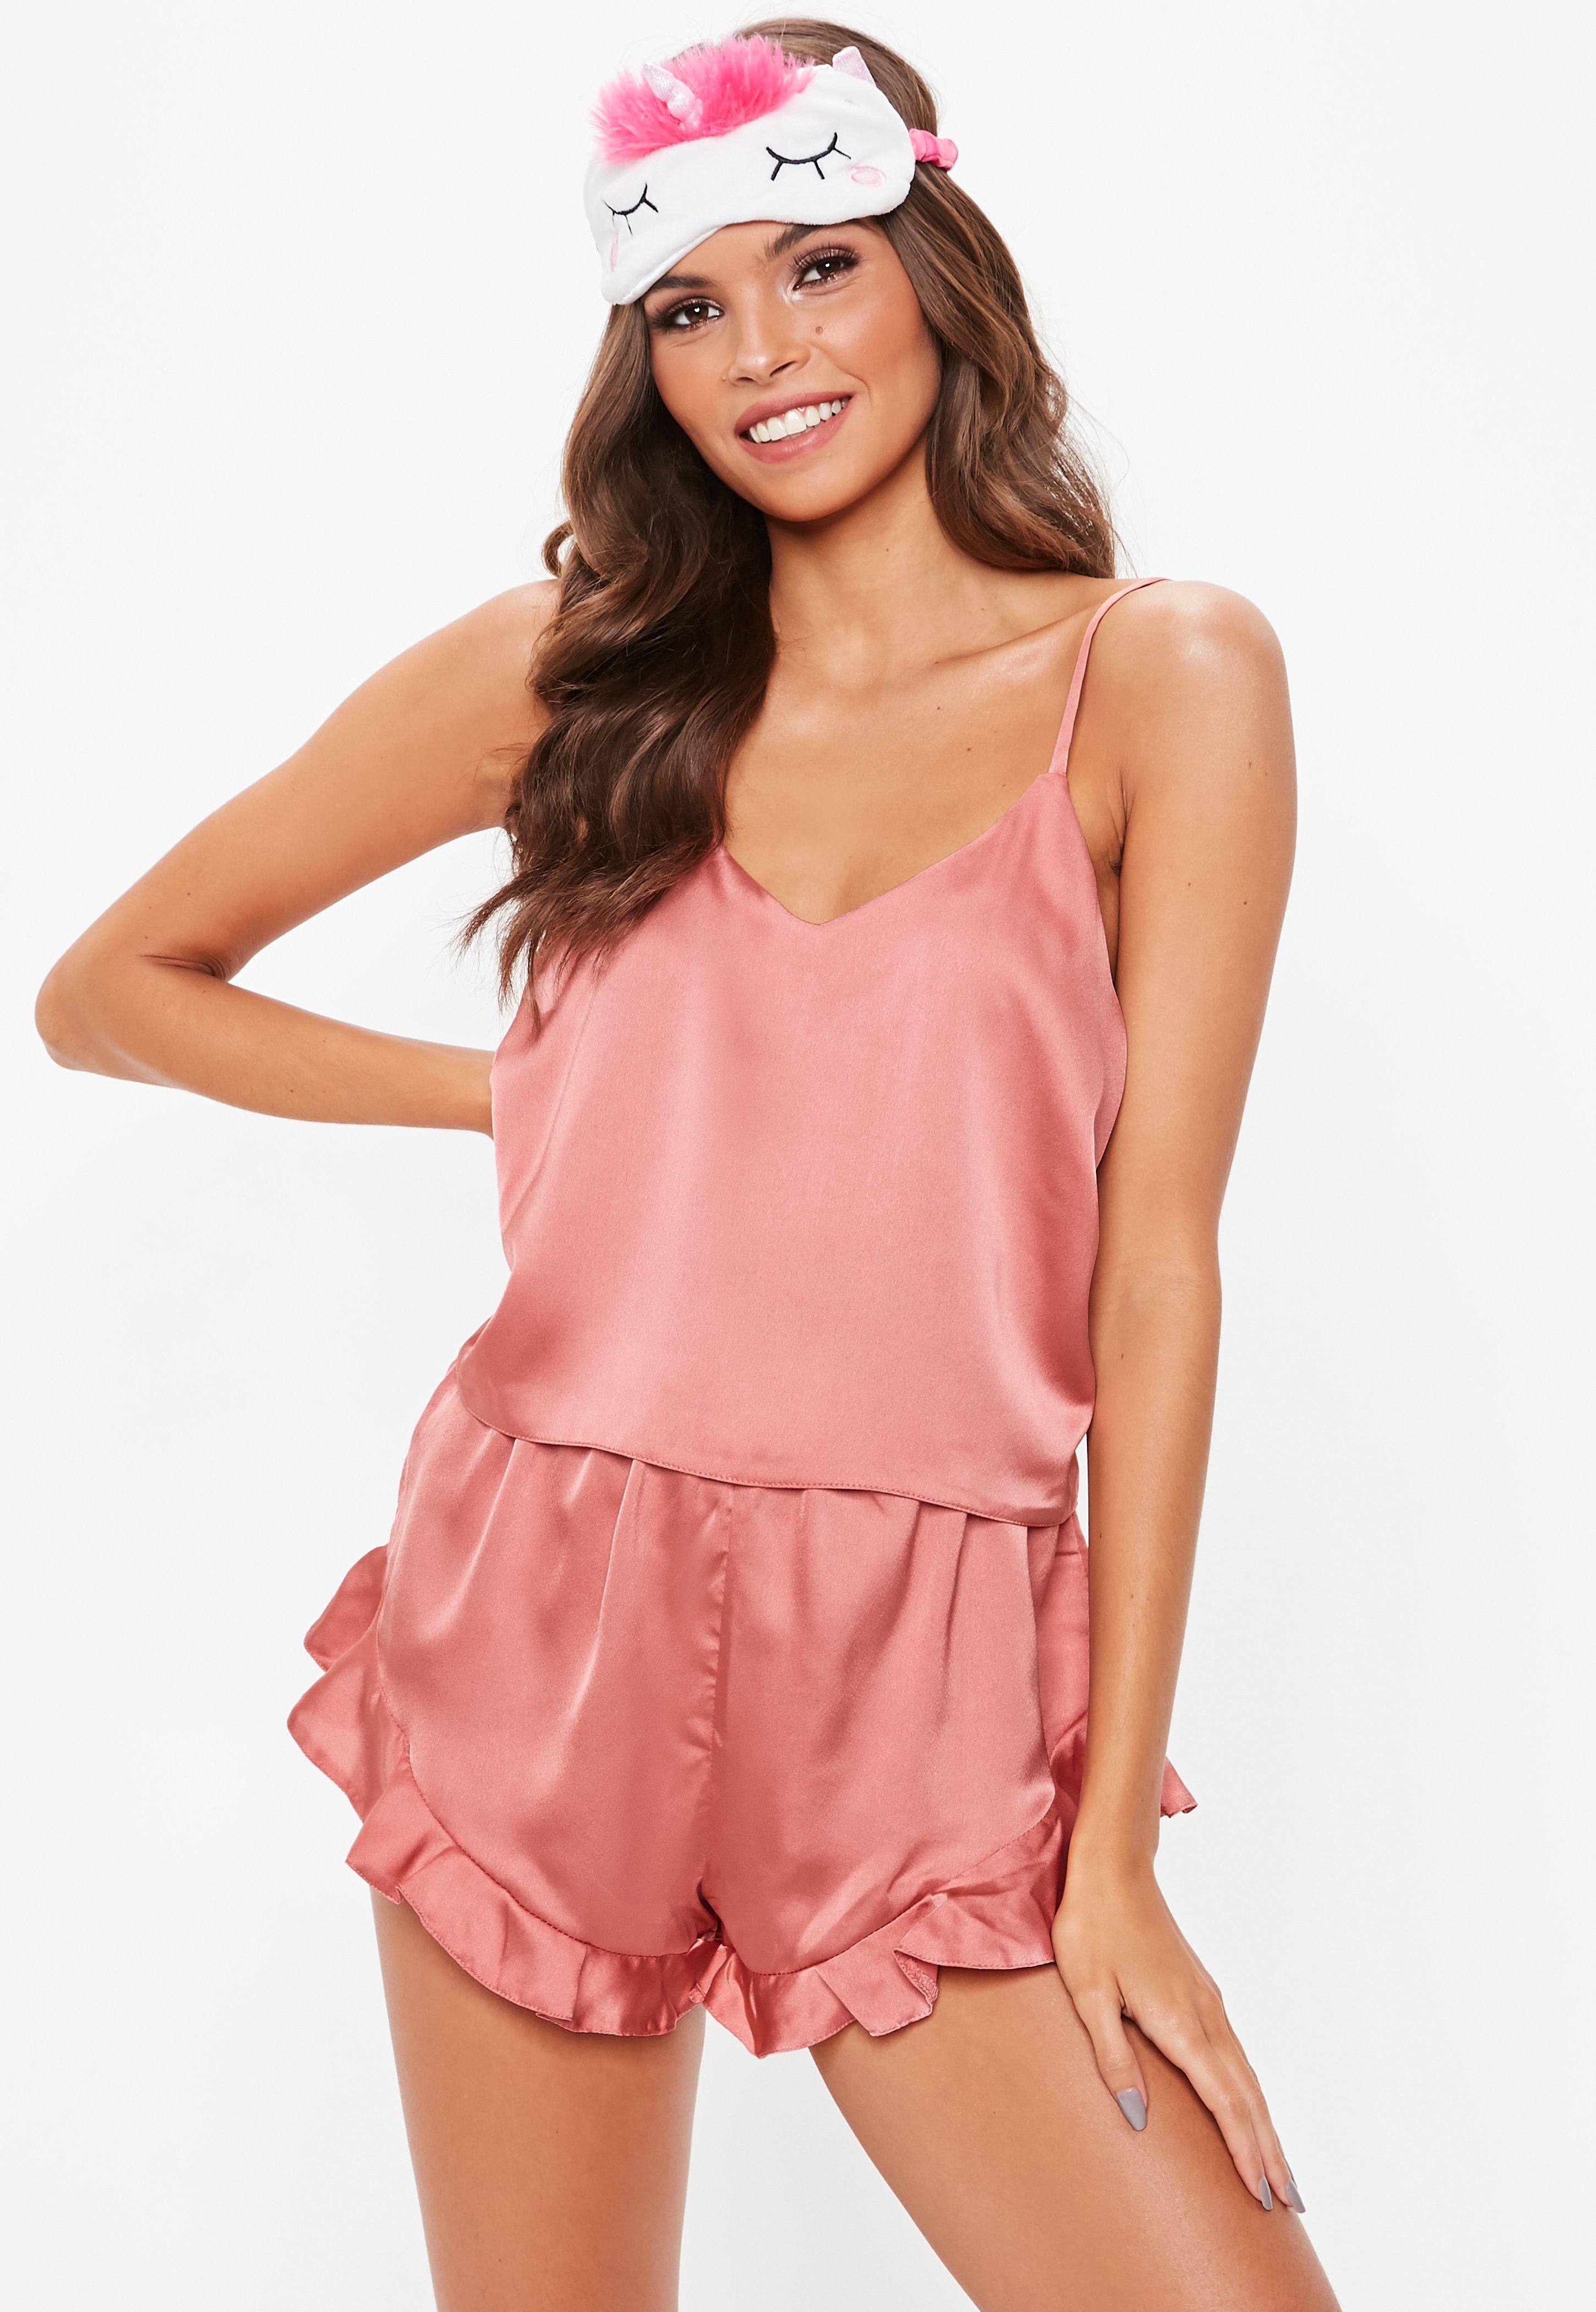 tecnicas modernas elige el más nuevo outlet(mk) Pijama con top de tirantes corto rosa